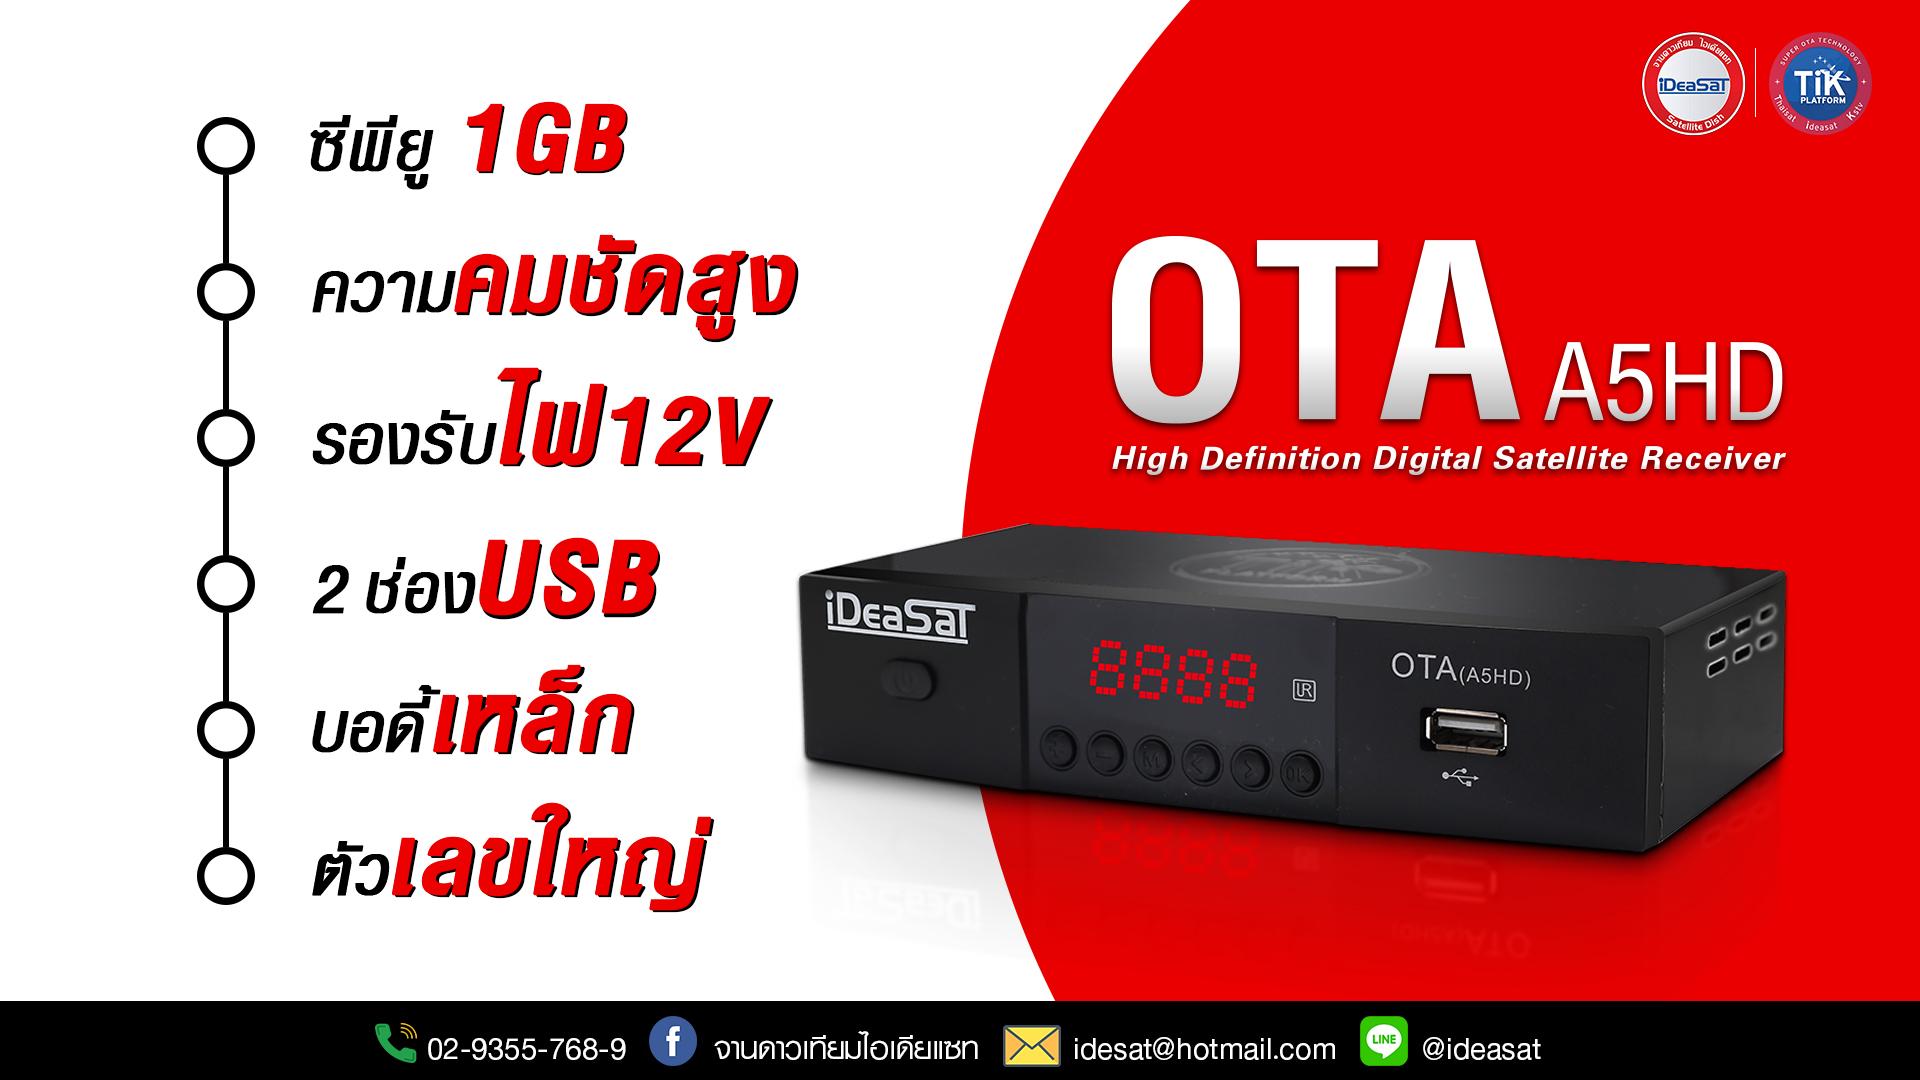 OTAH5